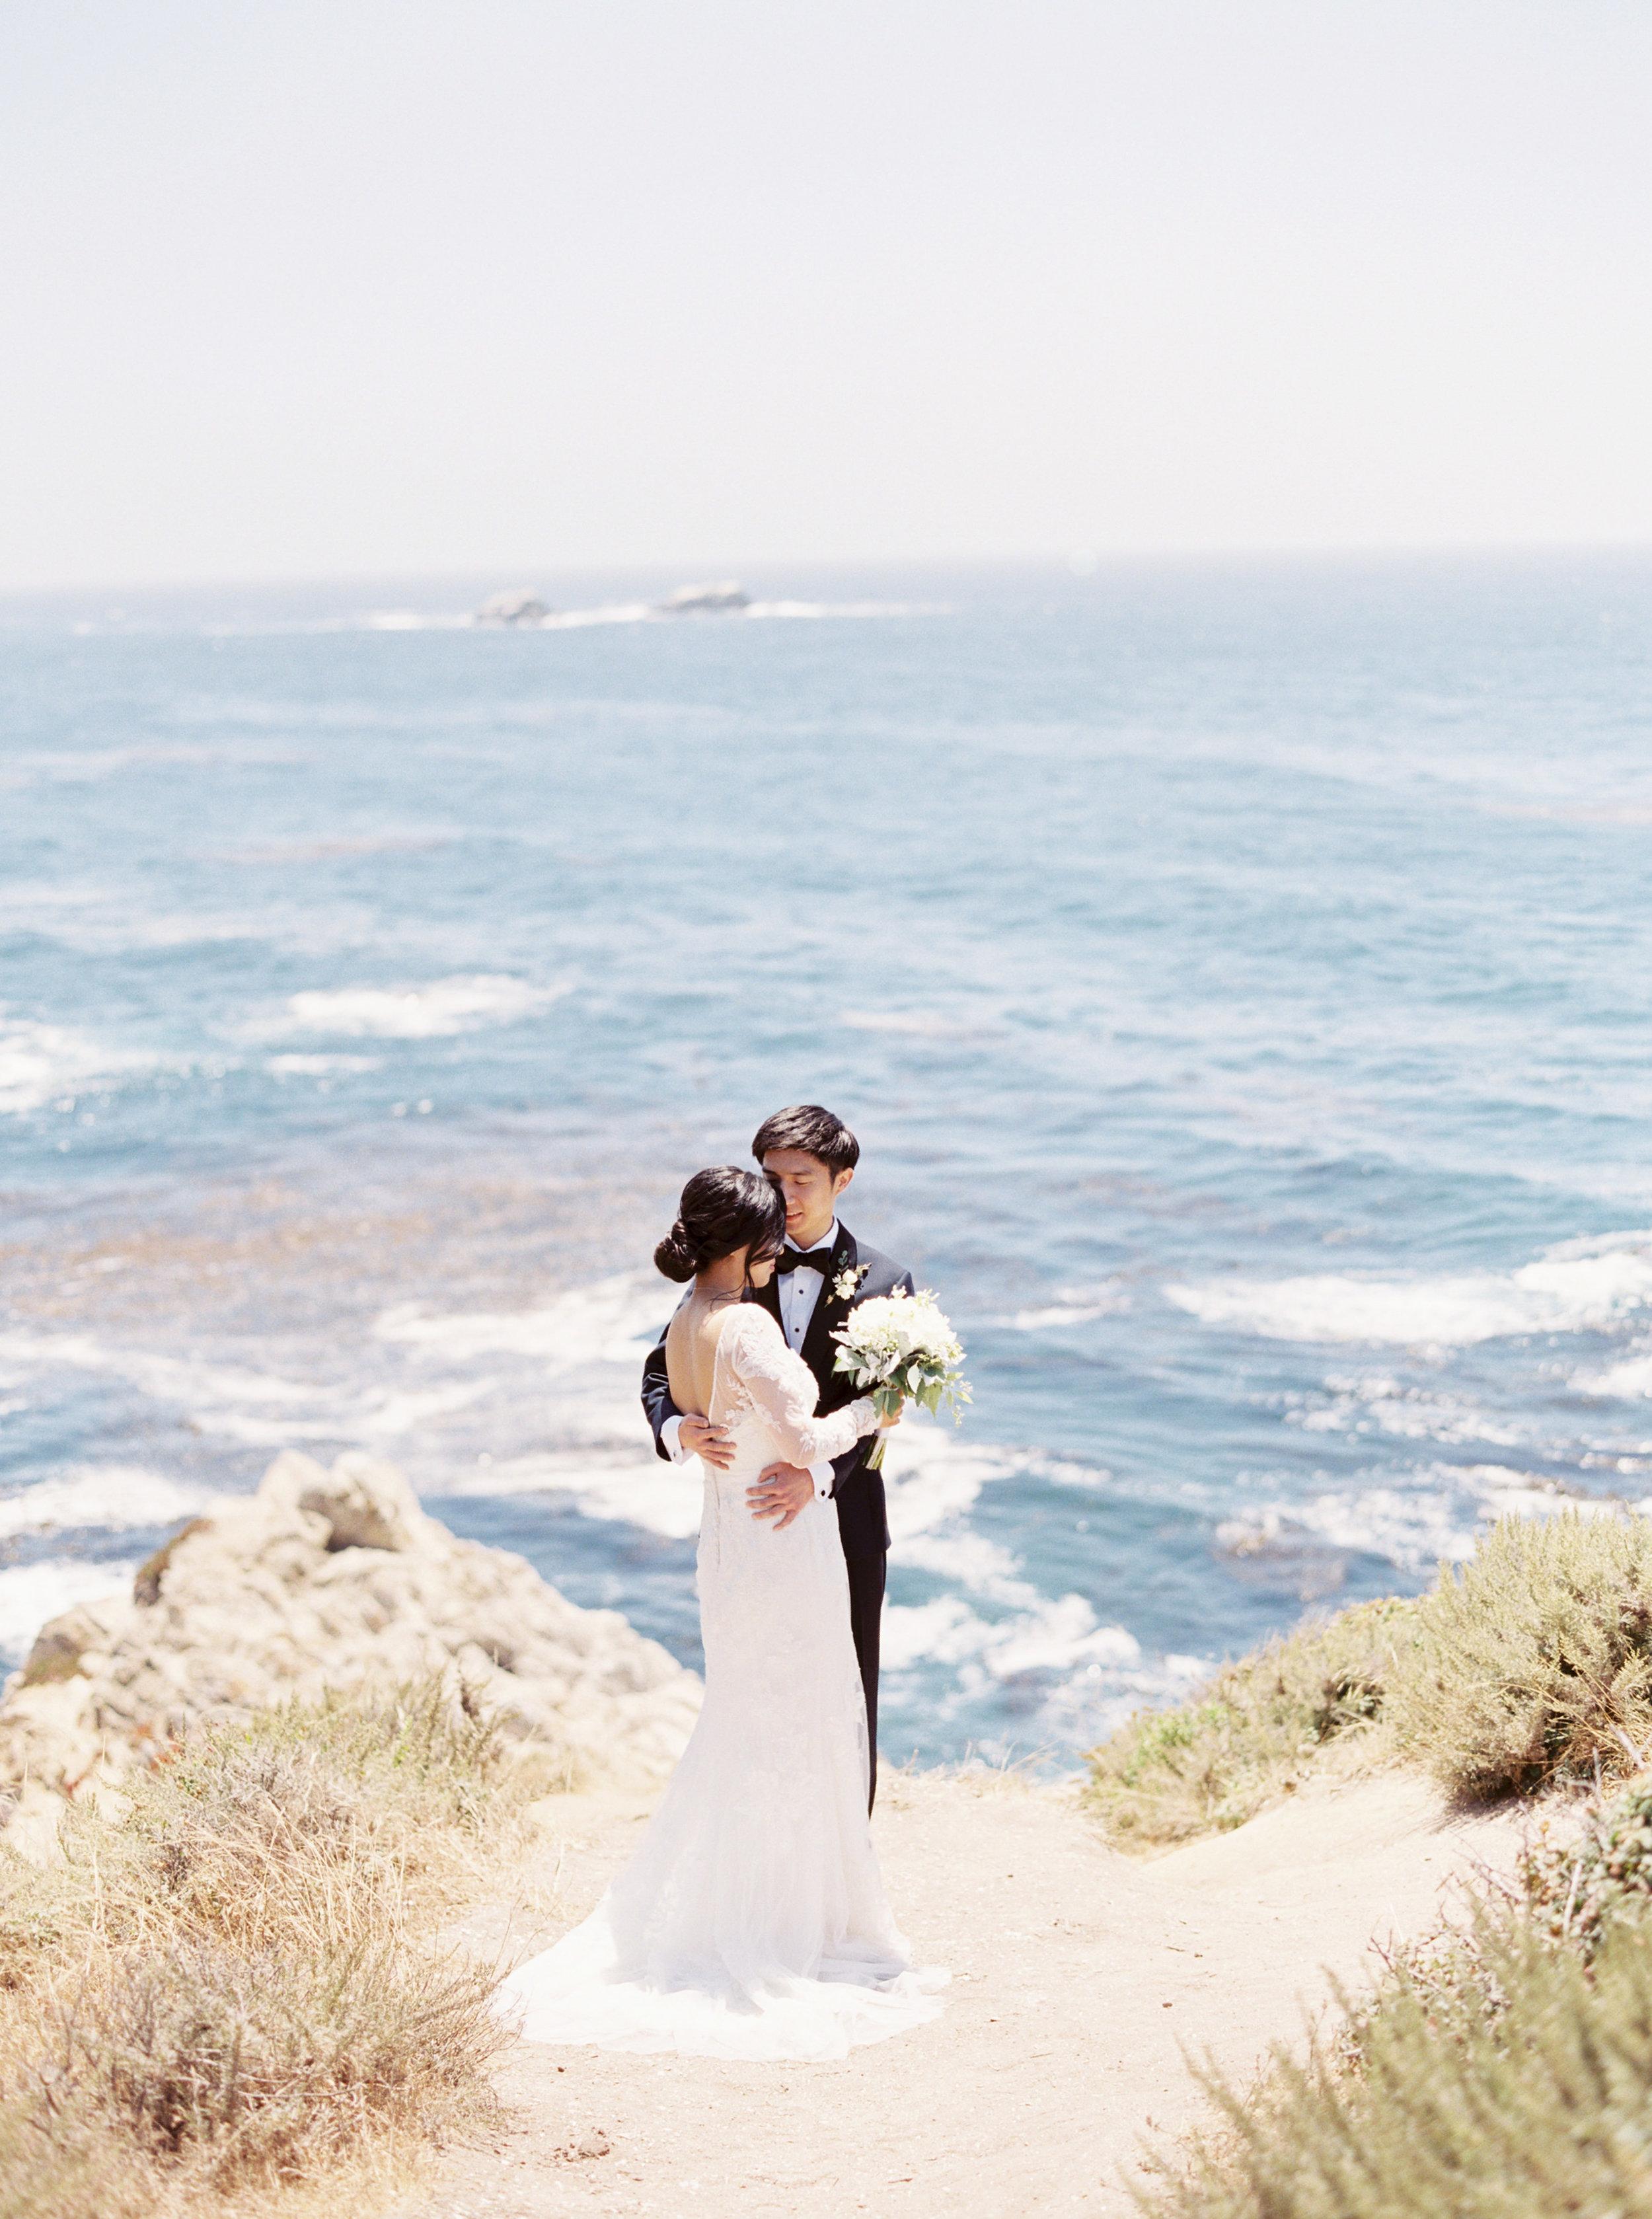 carmel-wedding-at-wedgewood-carmel-california-4.jpg